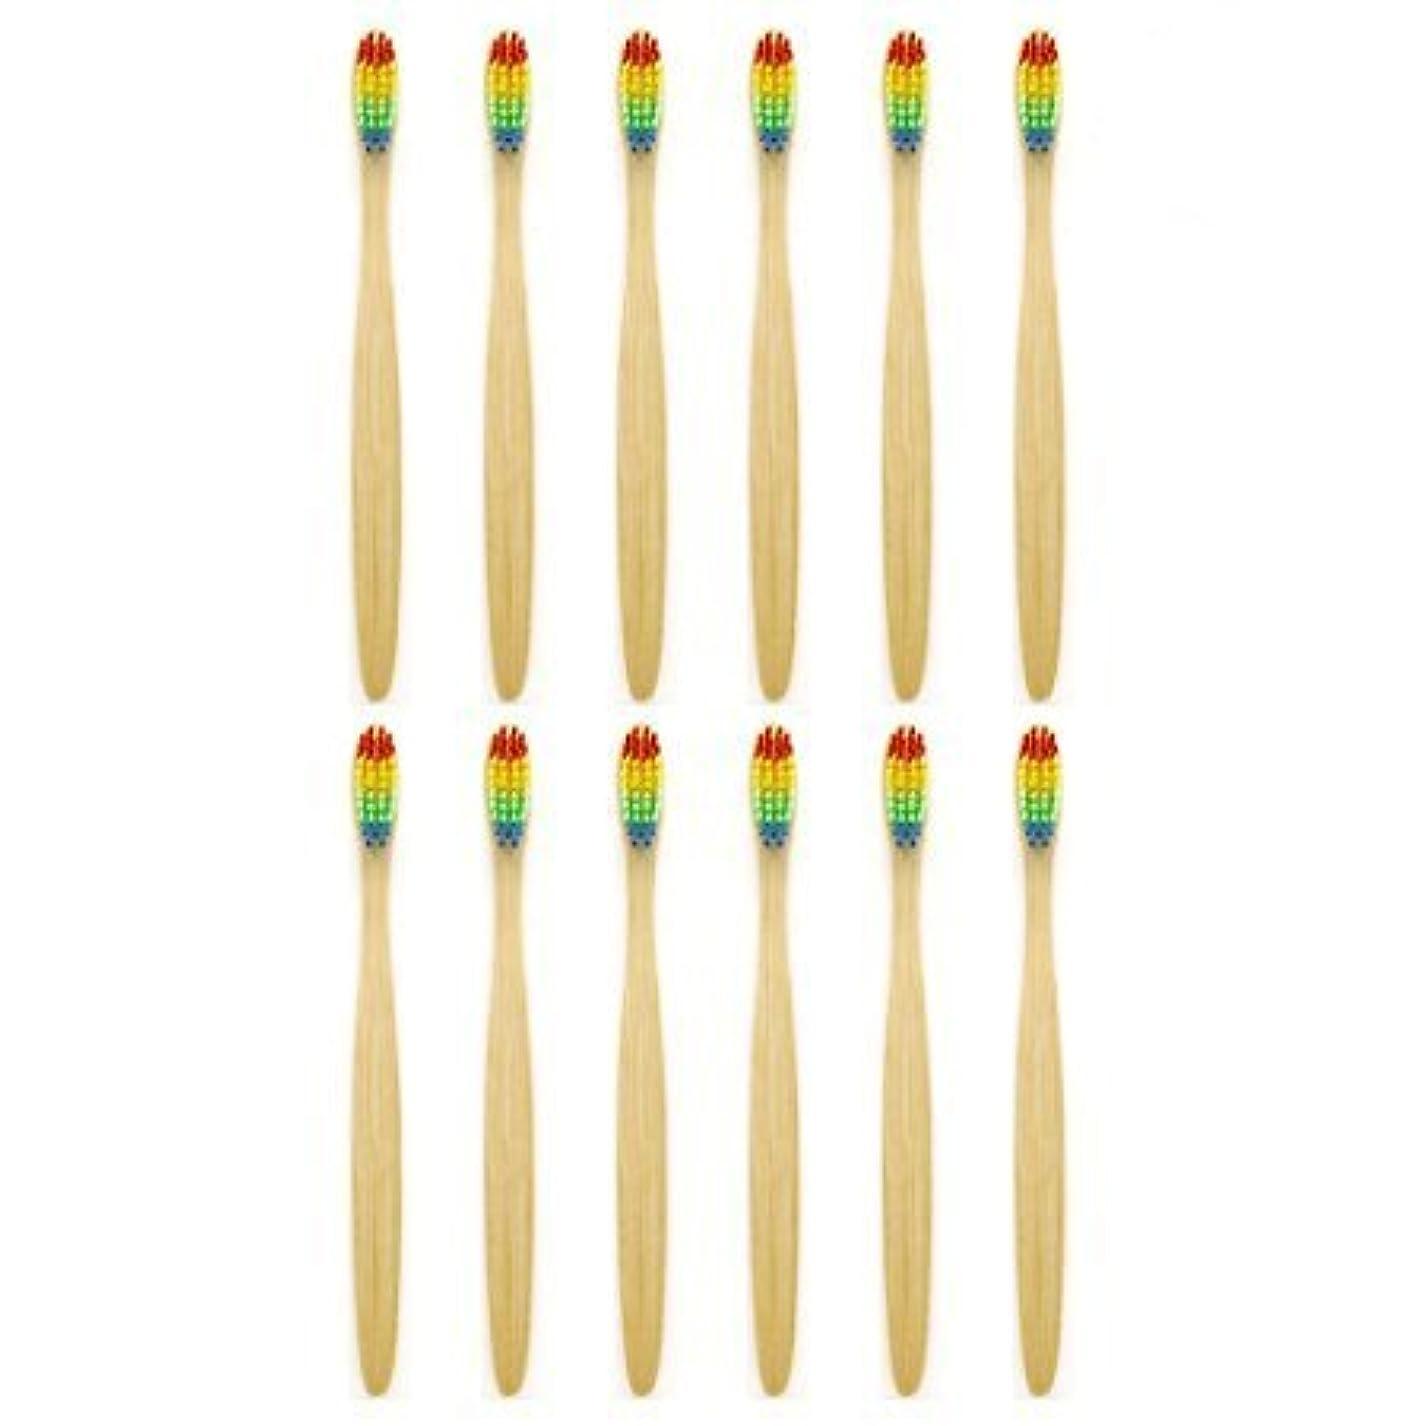 開いた花輪怖がらせる天然竹歯ブラシGenkentリサイクル生分解性包装で環境にやさしい虹ナチュラル竹の歯ブラシはレインボーナイロン注入ブリストルで作られた(12本)